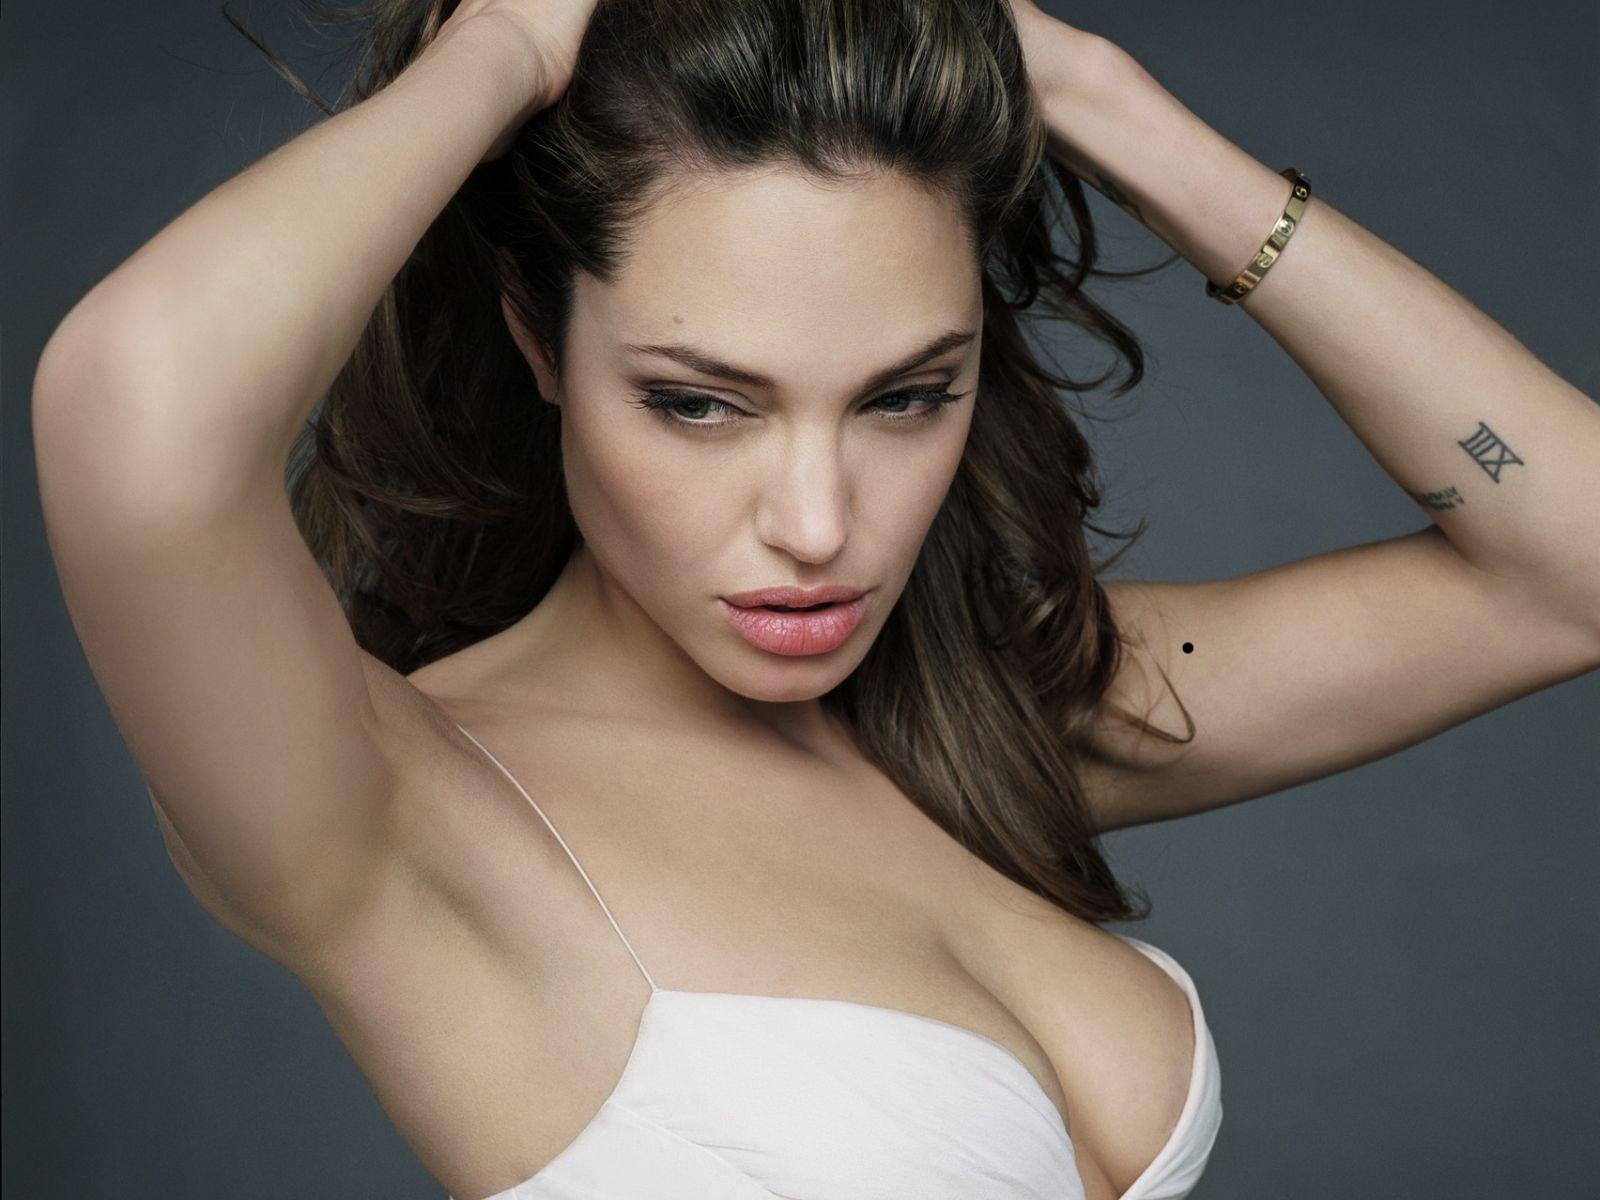 http://1.bp.blogspot.com/_p2EstT5Z5BU/THtqPgNB6hI/AAAAAAAAAso/fDG2pKb1-e4/s1600/Angelina+Jolie+Wallpapers+5.jpg